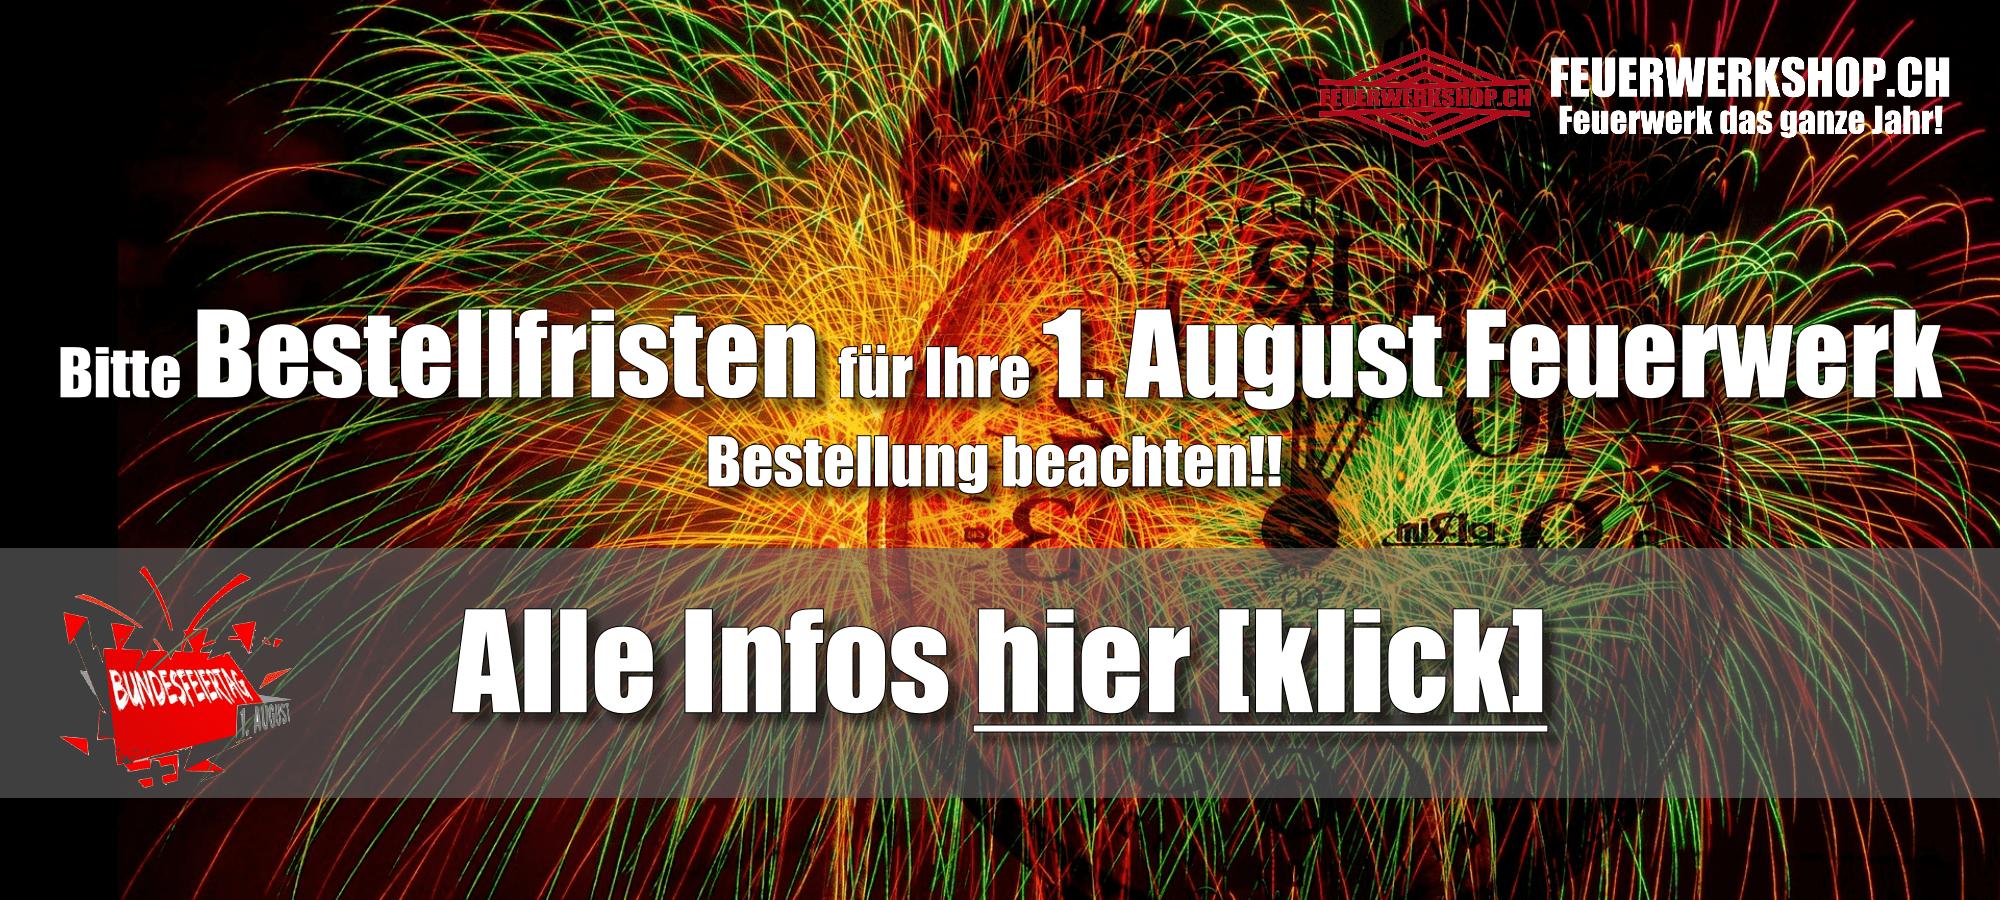 Last Call - Bestellfristen für Ihre 1. August Feuerwerkbestellung